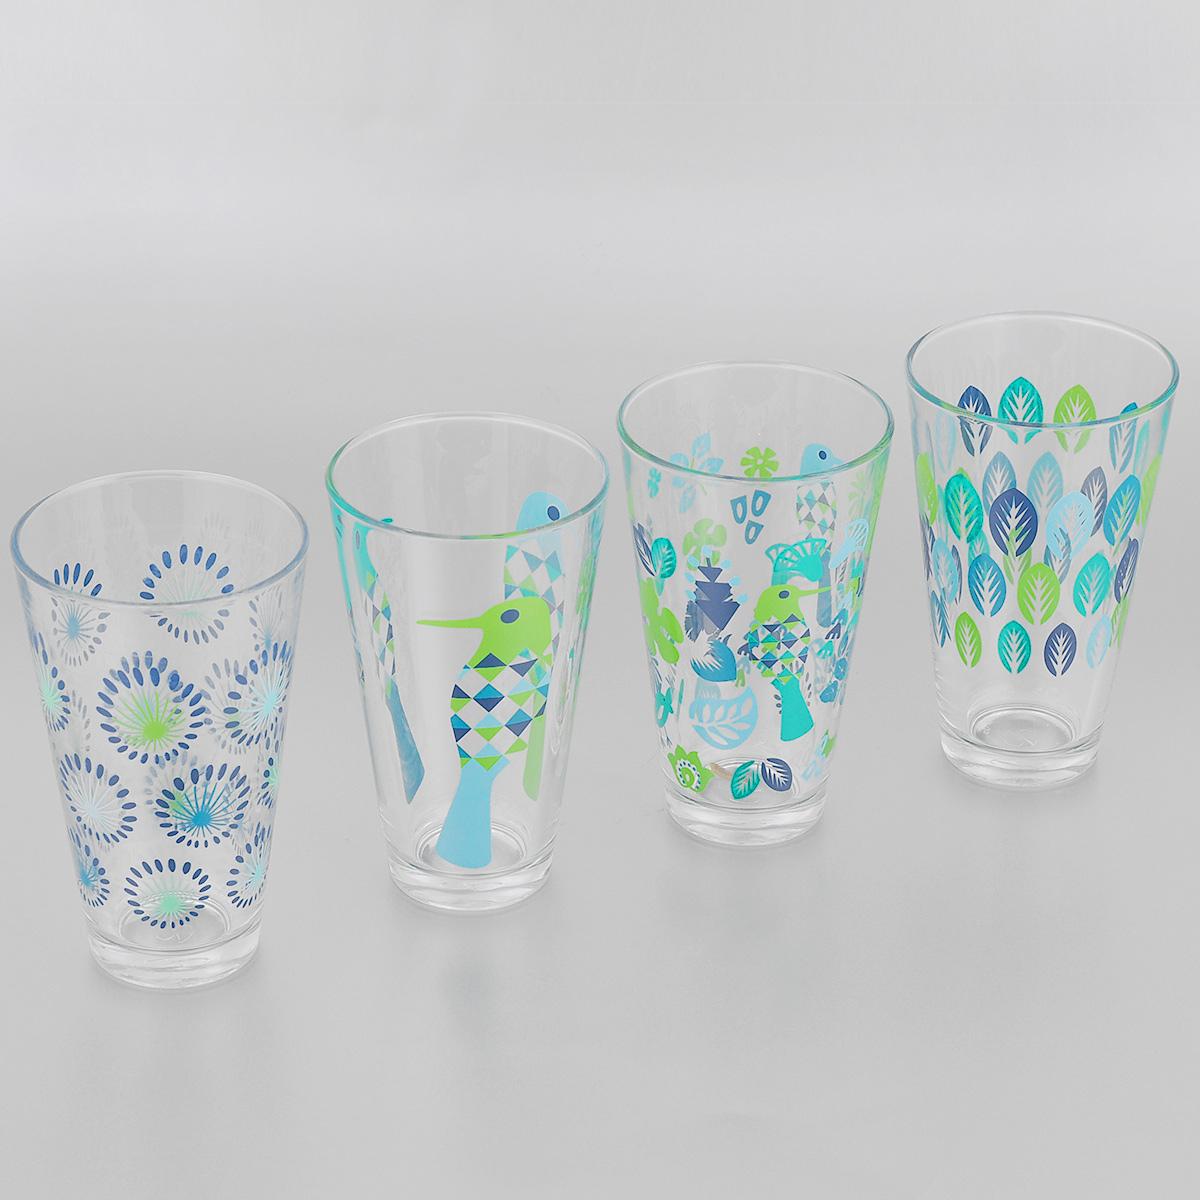 Набор стаканов Sagaform Fantasy, 290 мл, 4 шт5016459Набор Sagaform Fantasy, выполненный из высококачественного стекла, состоит из четырех стаканов, декорированных изящным рисунком. Стаканы с утолщенным дном прекрасно подойдут для подачи воды или других напитков. Эстетичность, функциональность и изящный дизайн сделают набор достойным дополнением к вашему кухонному инвентарю. Набор стаканов Sagaform Fantasy украсит ваш стол и станет отличным подарком к любому празднику. Диаметр стакана (по верхнему краю): 8 см. Высота стакана: 13,5 см.